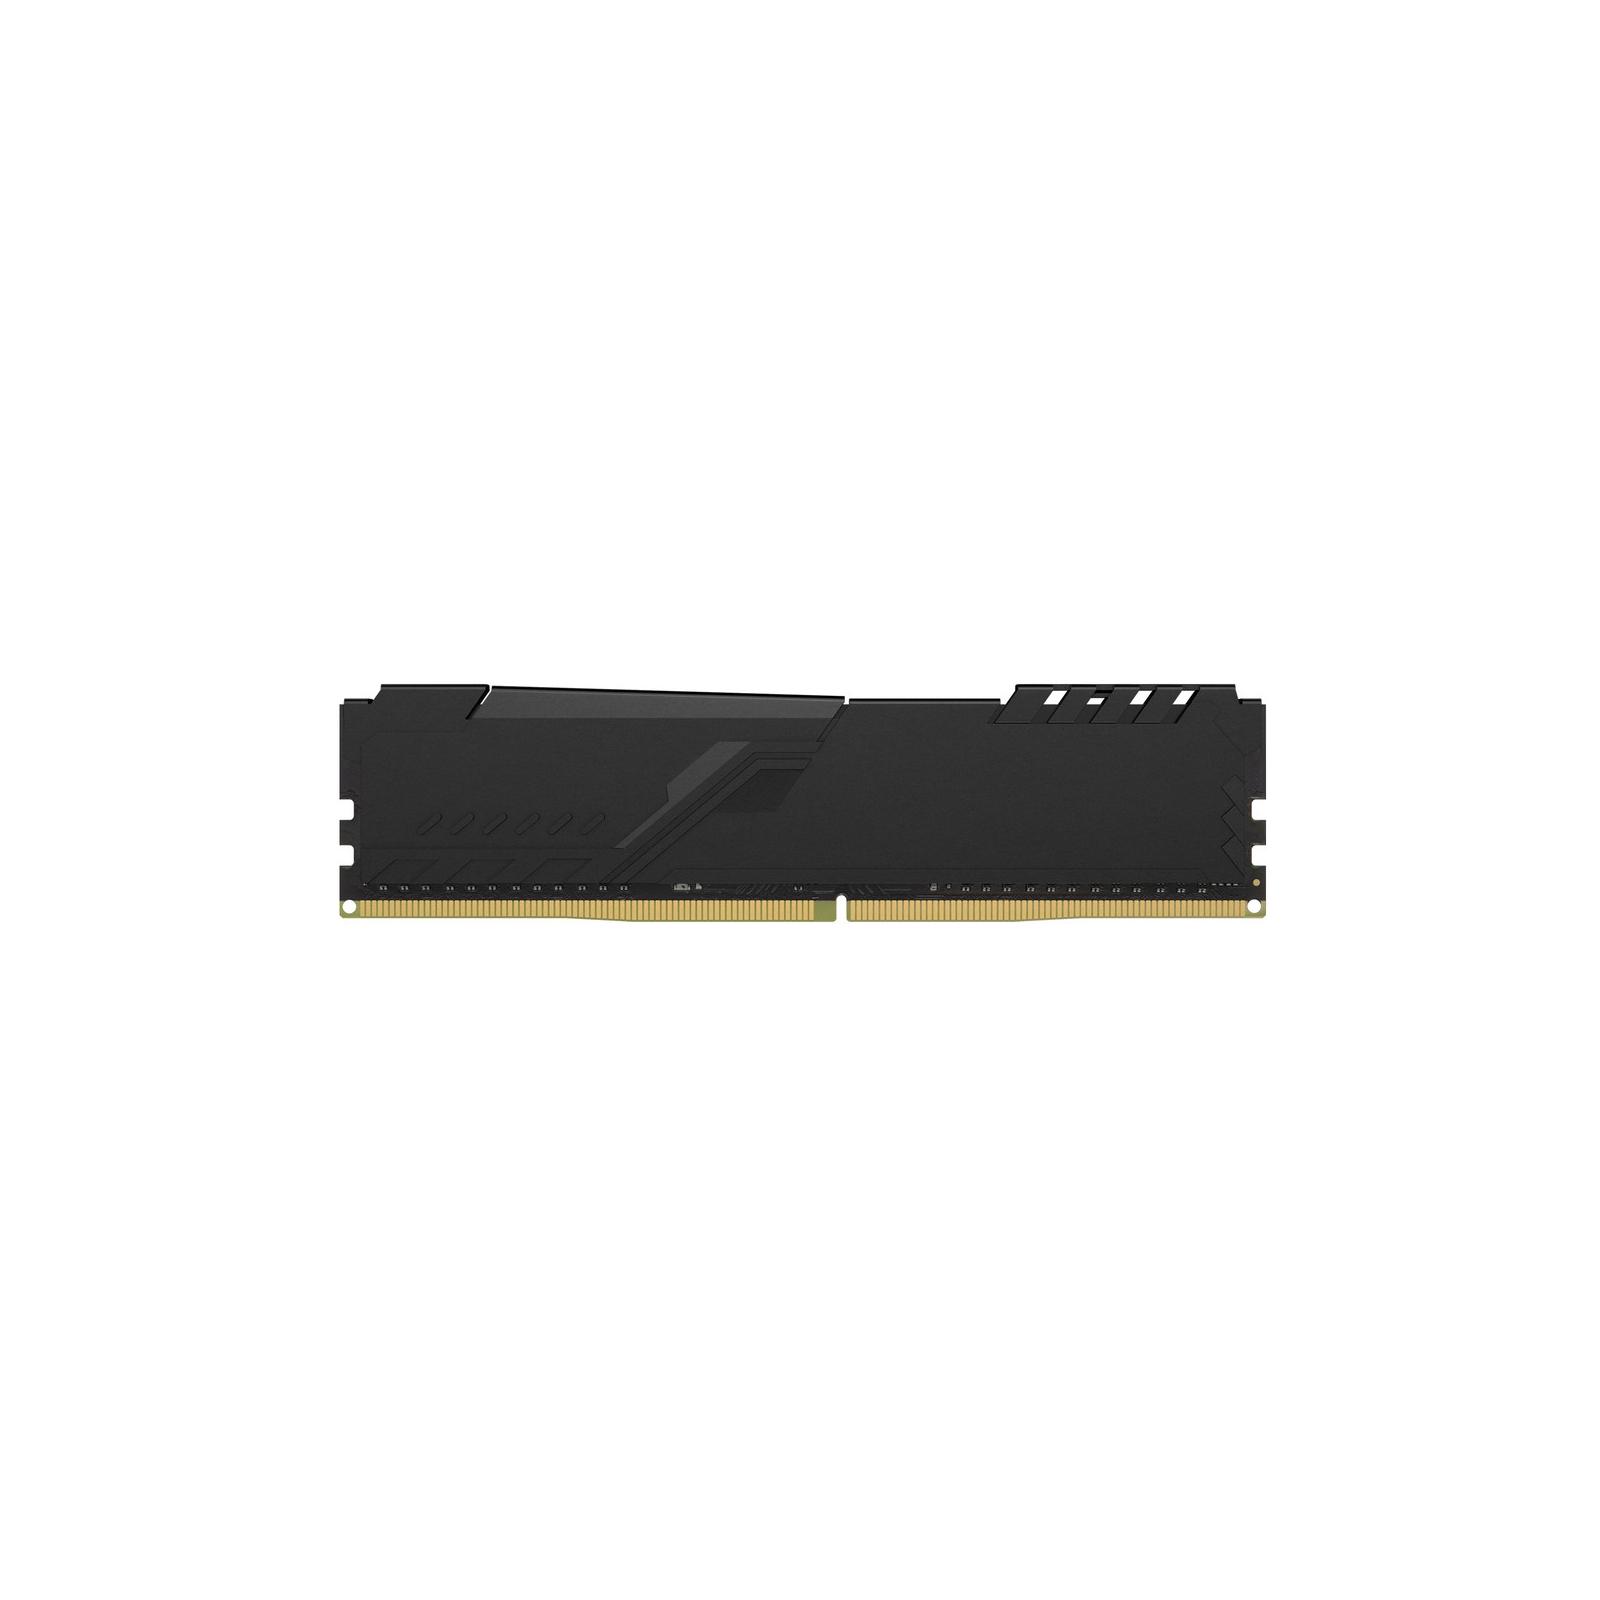 Модуль пам'яті для комп'ютера DDR4 8GB 2400 MHz HyperX FURY Black Kingston (HX424C15FB3/8) зображення 4